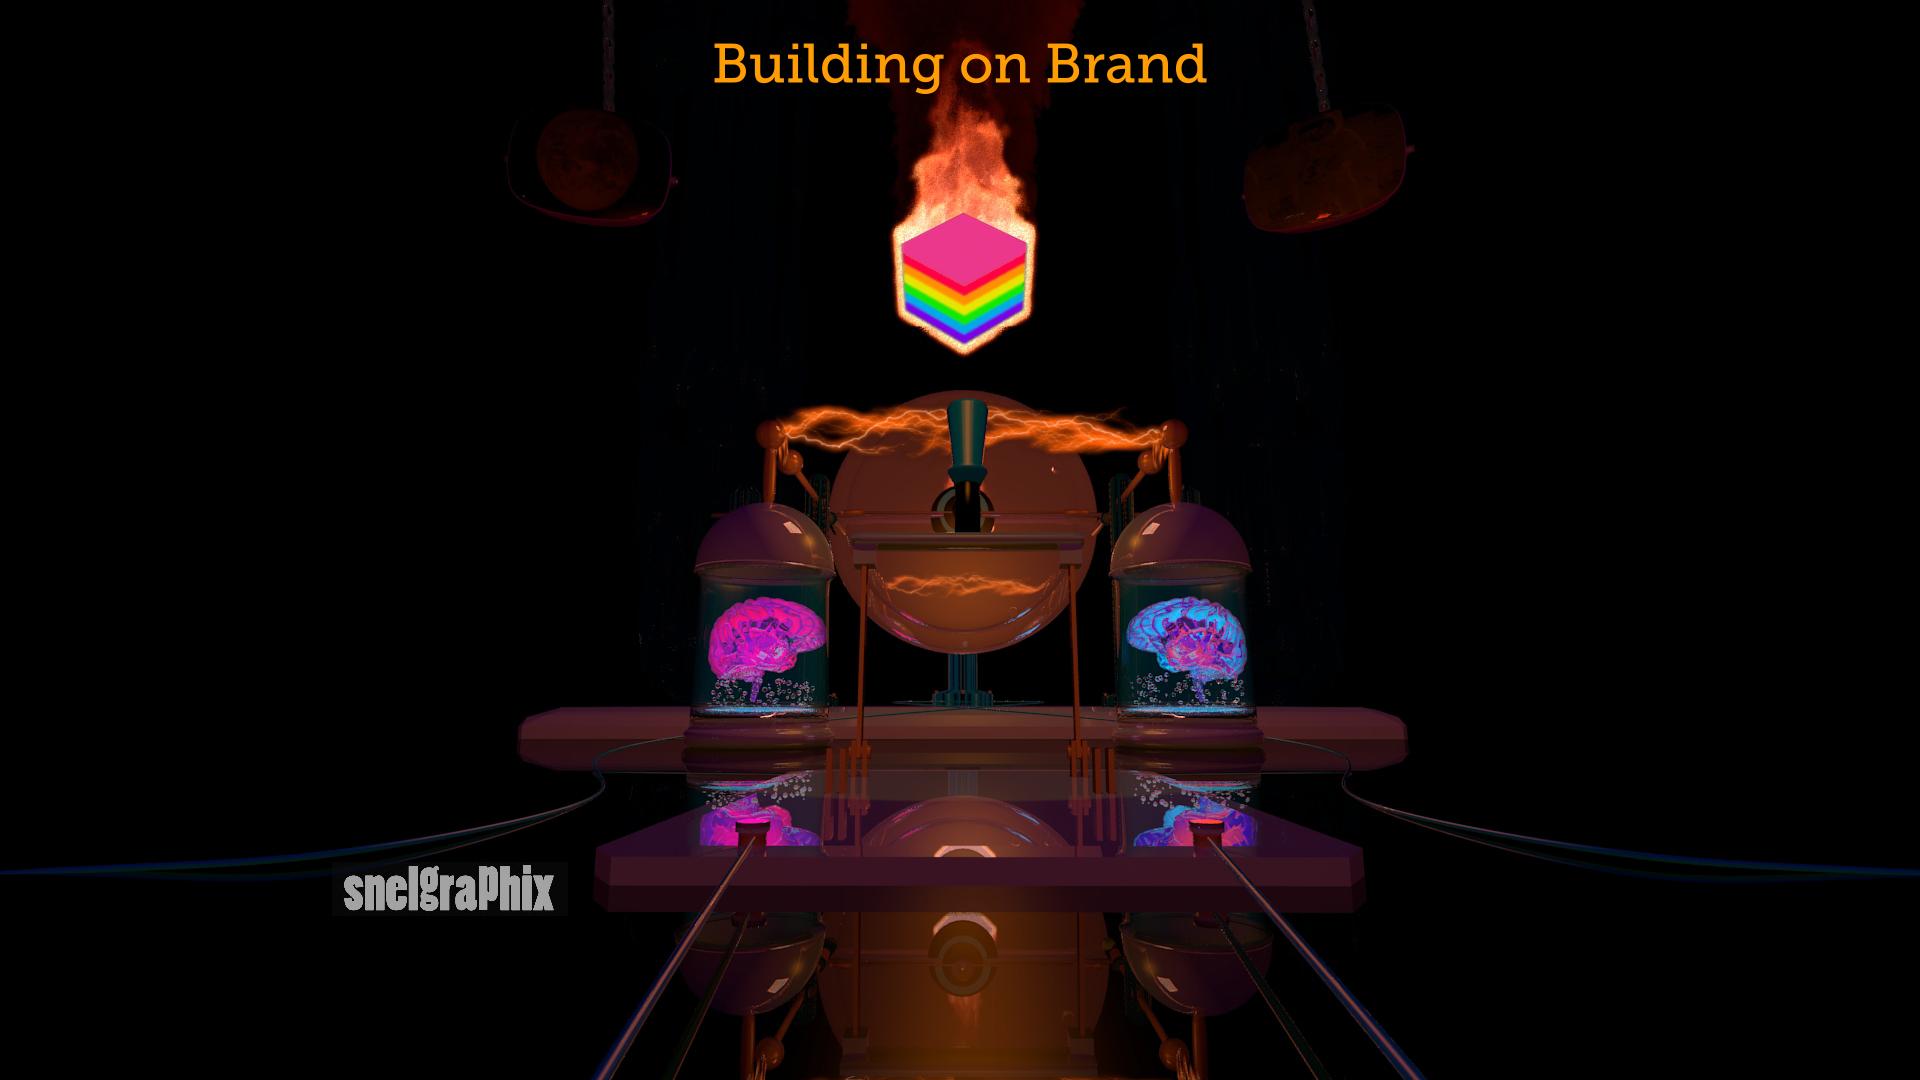 Snelgraphix building on brand